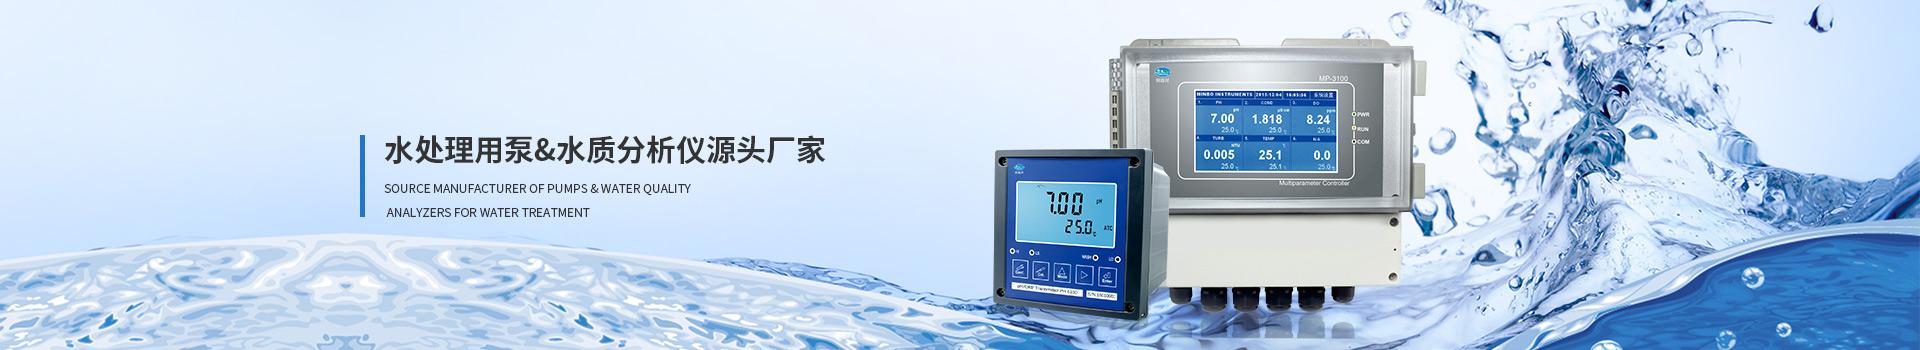 阿森河水处理用泵&水质分析仪源头厂家